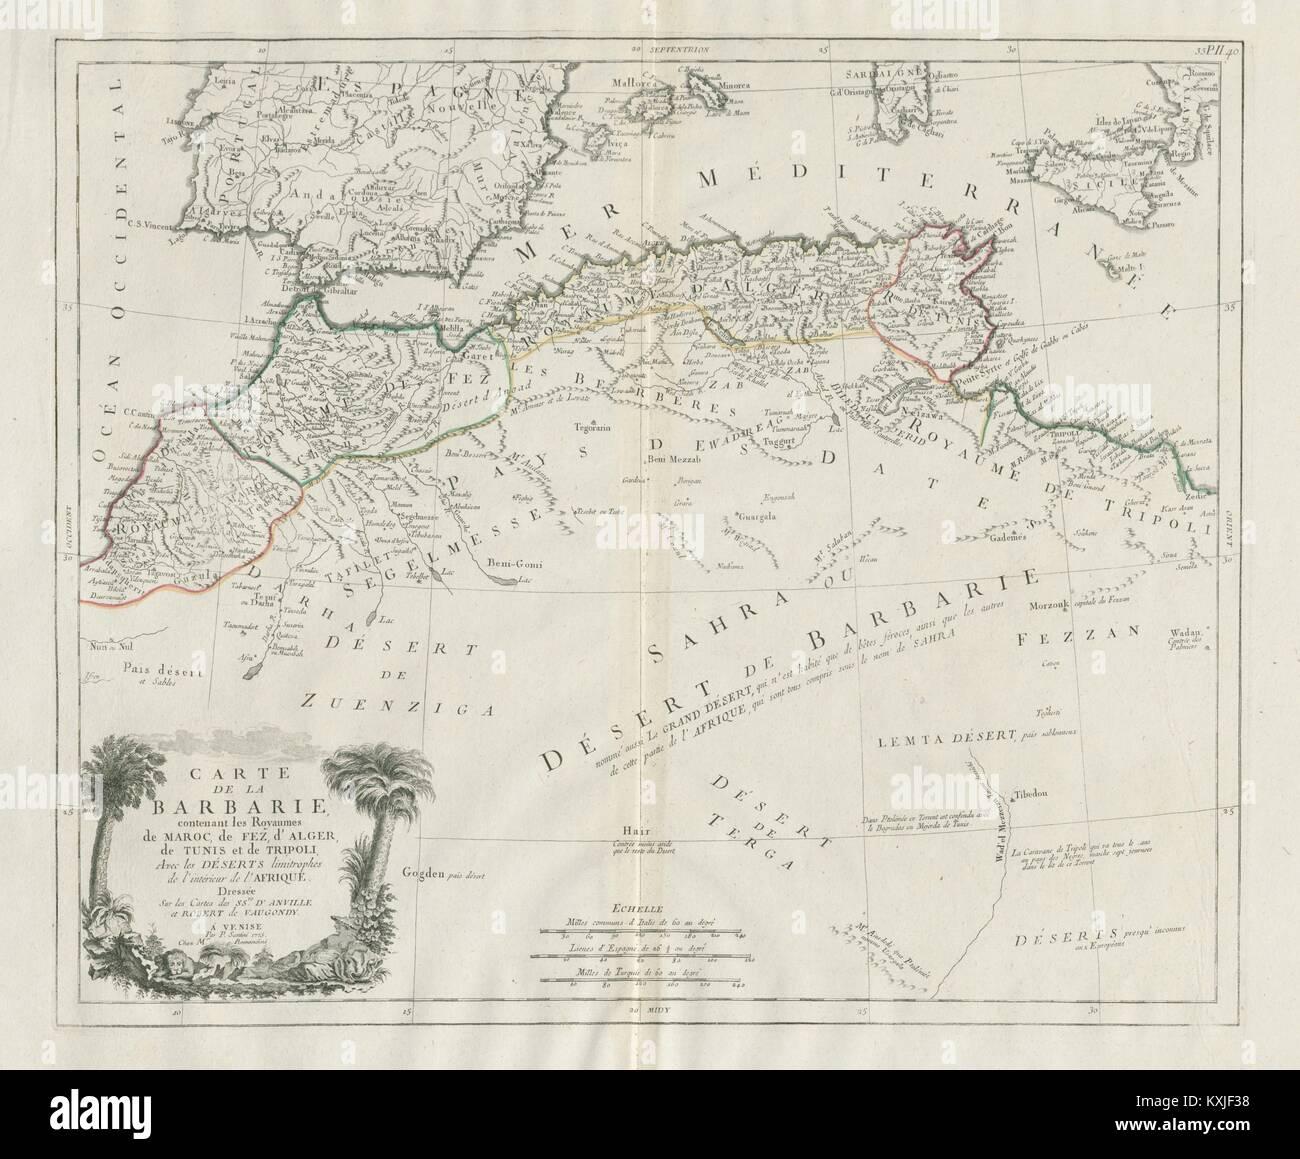 Carte Espagne Afrique Du Nord.Carte De La Barbarie L Afrique Du Nord De L Espagne